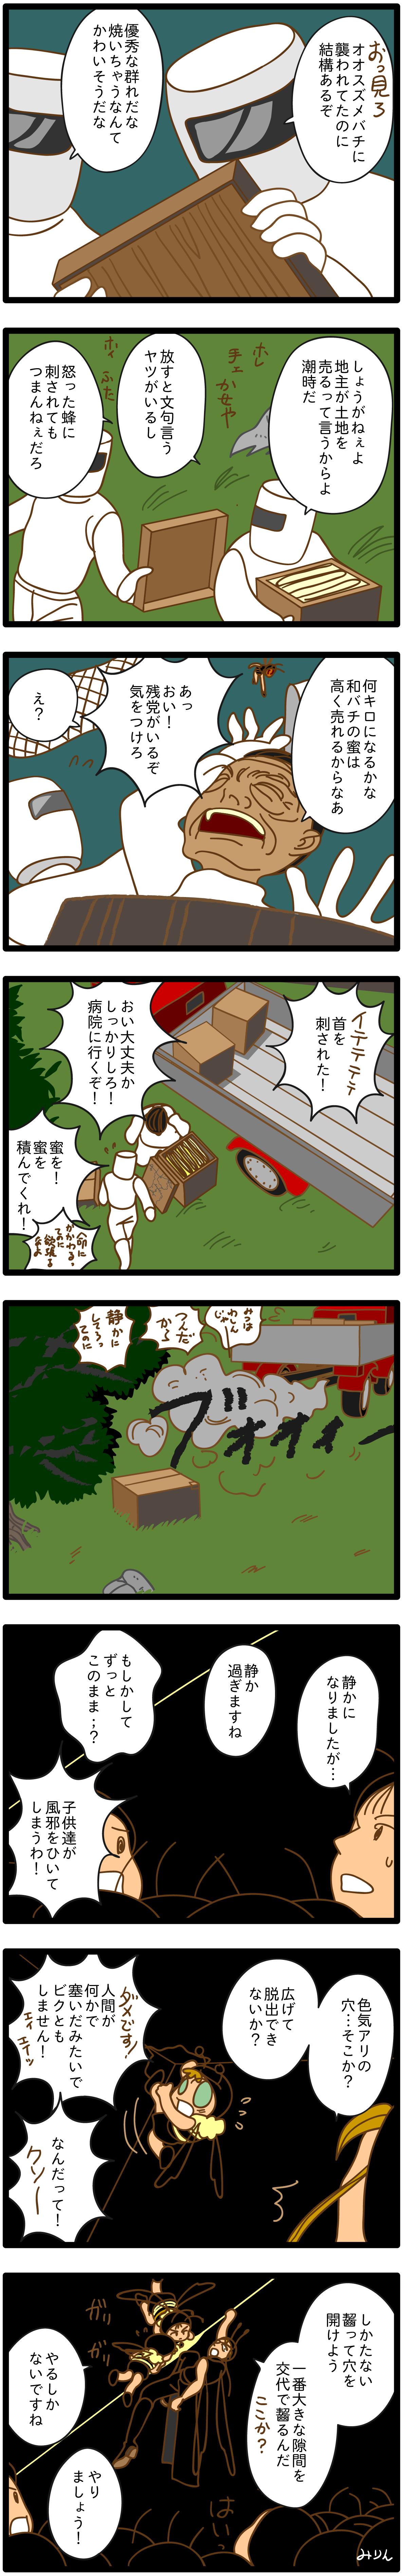 127. 晩秋の防衛戦(17)